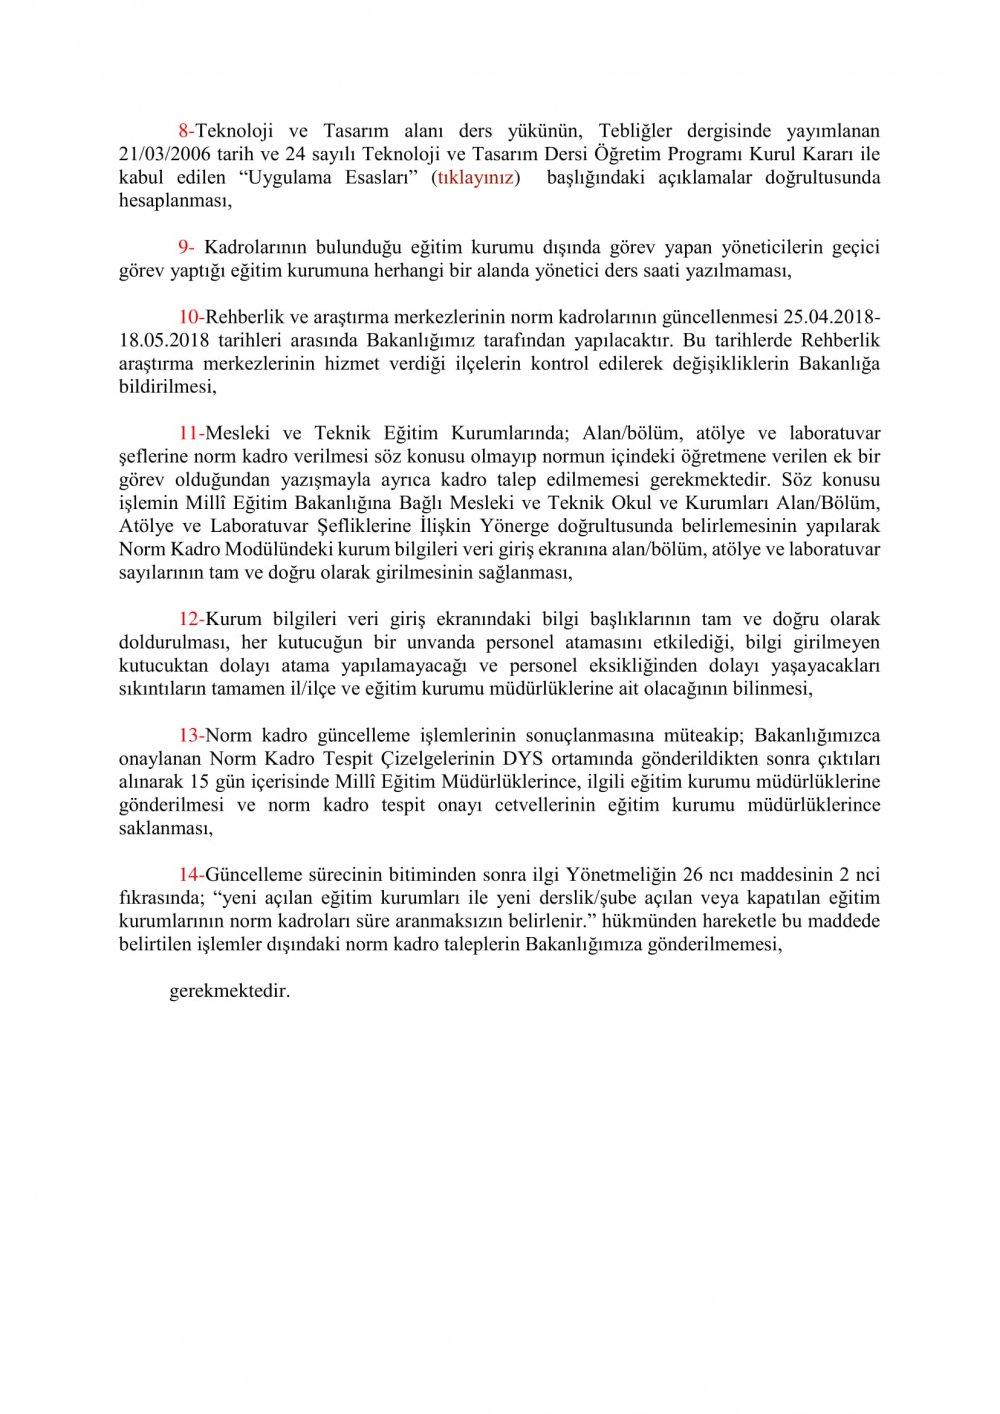 NORM_KADRO_GUNCELLEMESYNDE_DYKKAT_EDYLME...SLAR-3.jpg